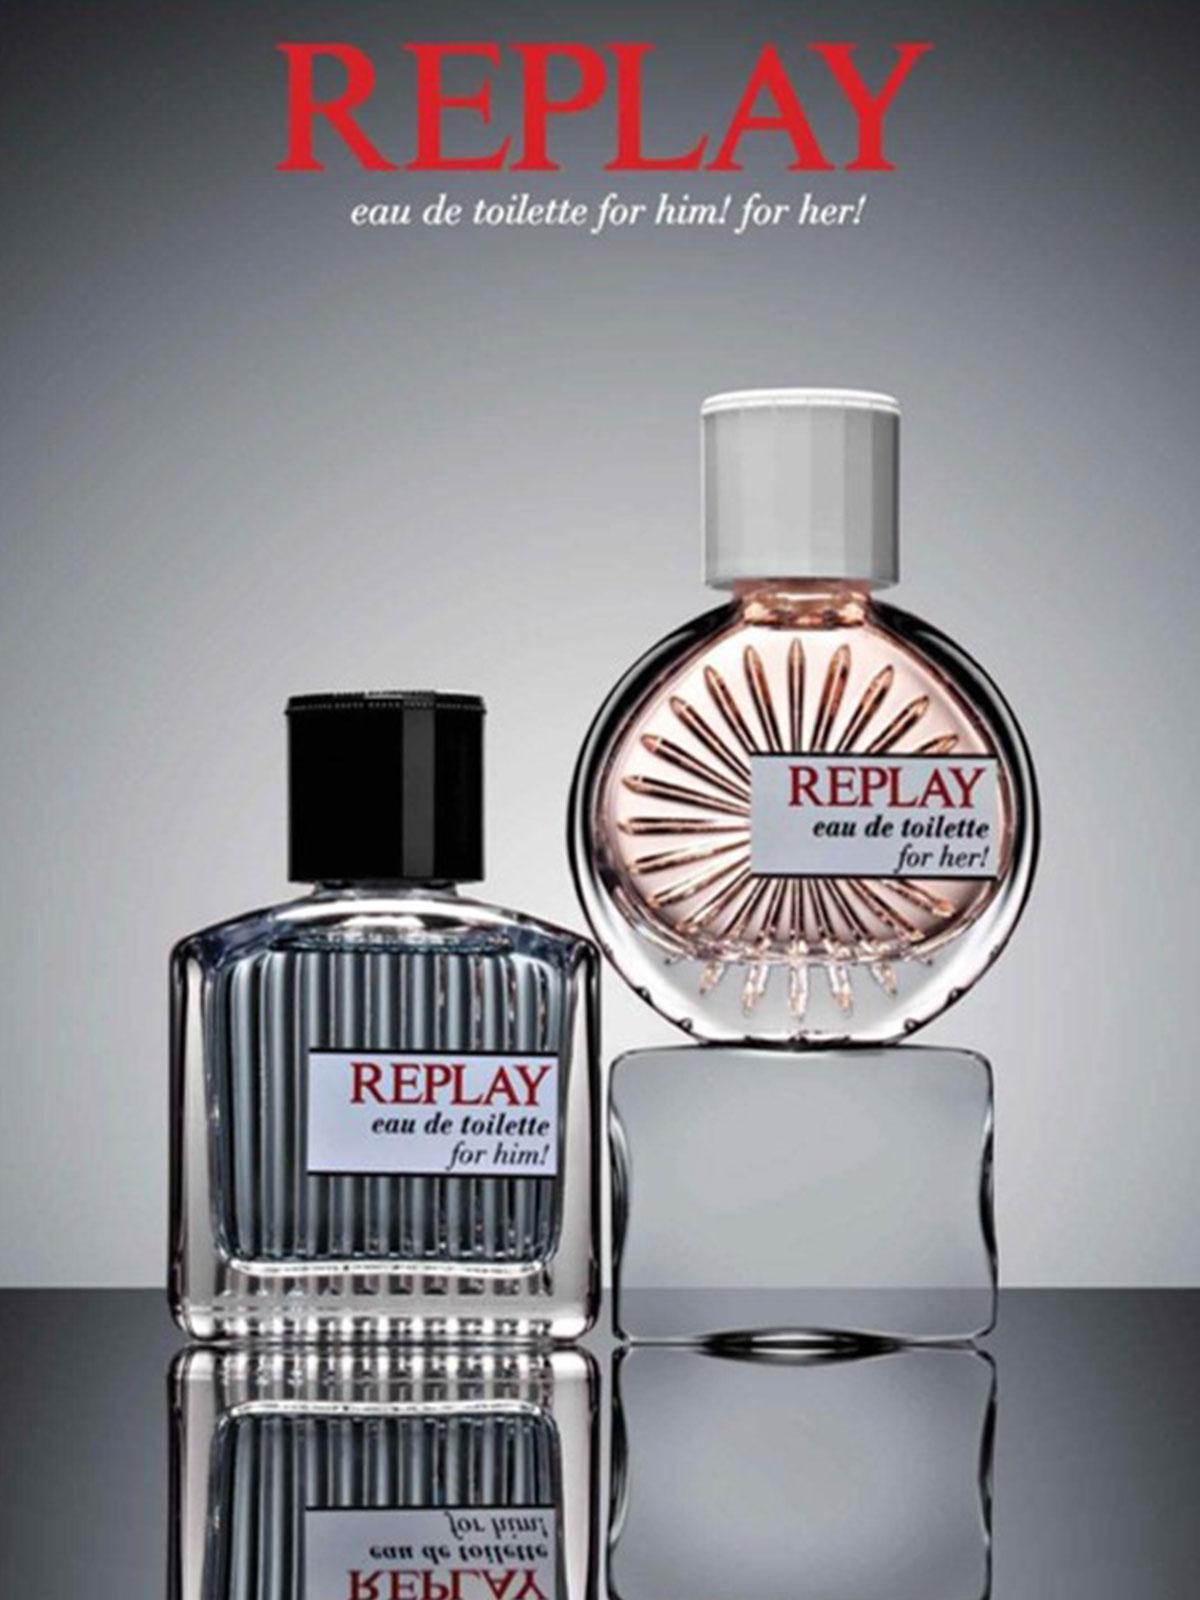 Ein Bild zweier Replay Parfum Flacons